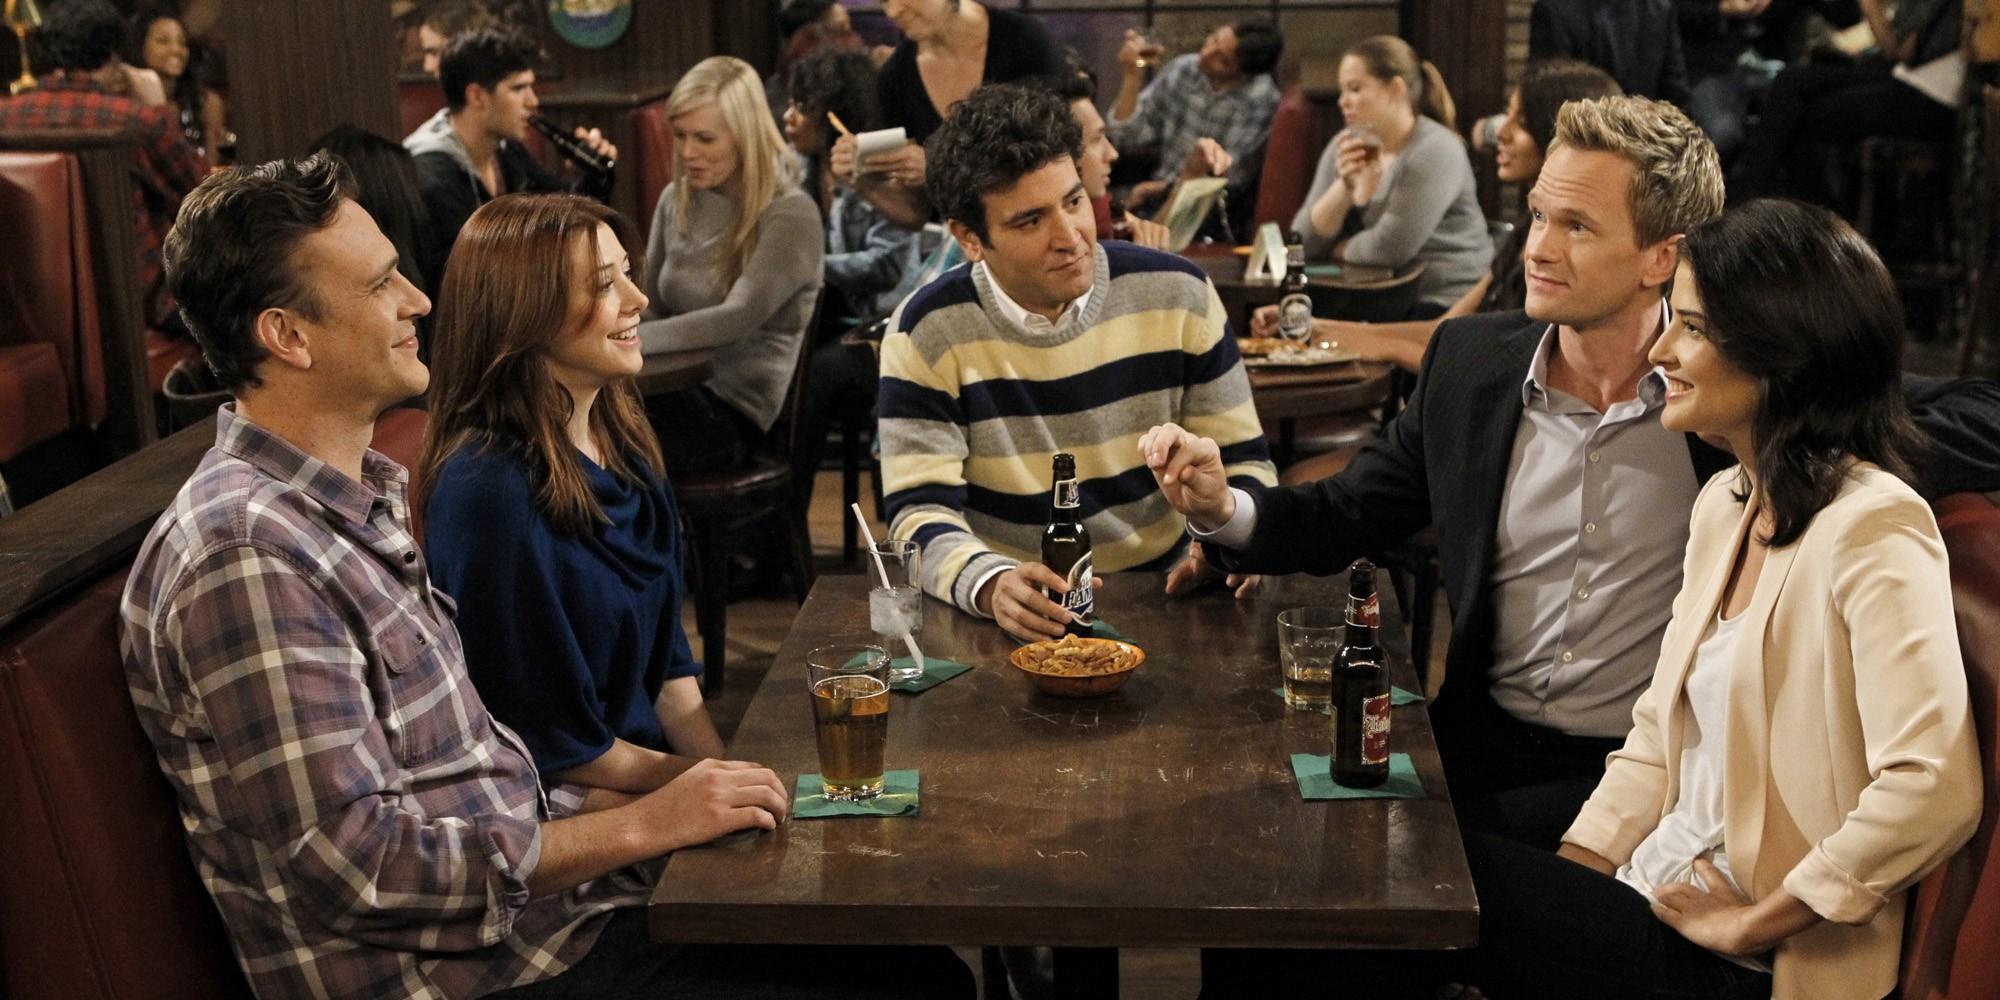 Marshall, Lily, Ted, Barney e Robin em uma mesa de bar (Foto: Divulgação)